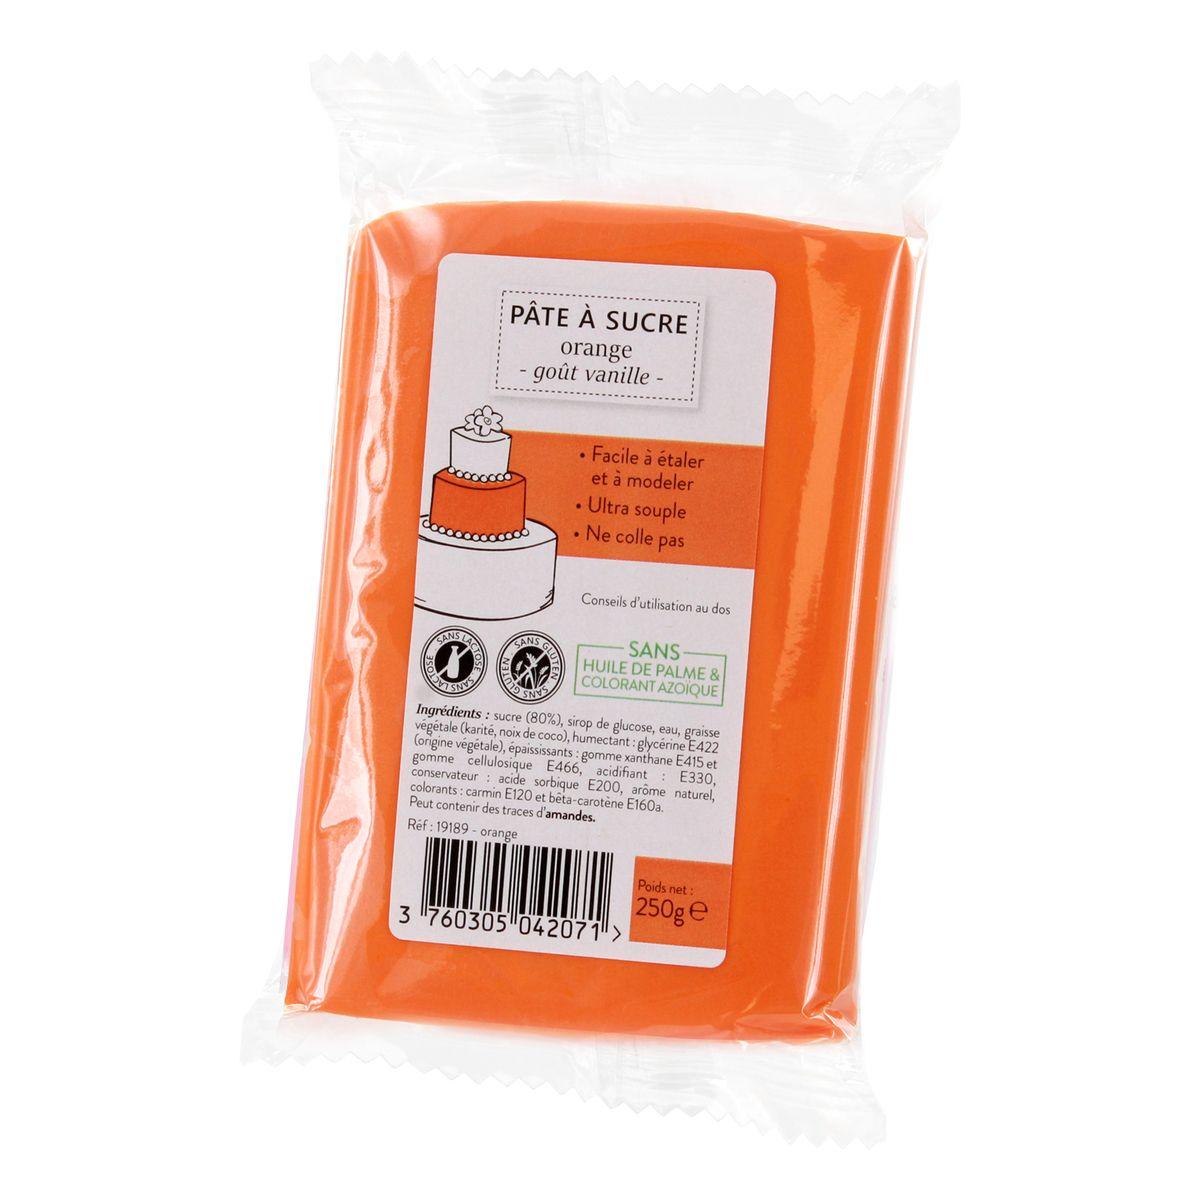 Pâte à sucre orange 250g sans huile de palme